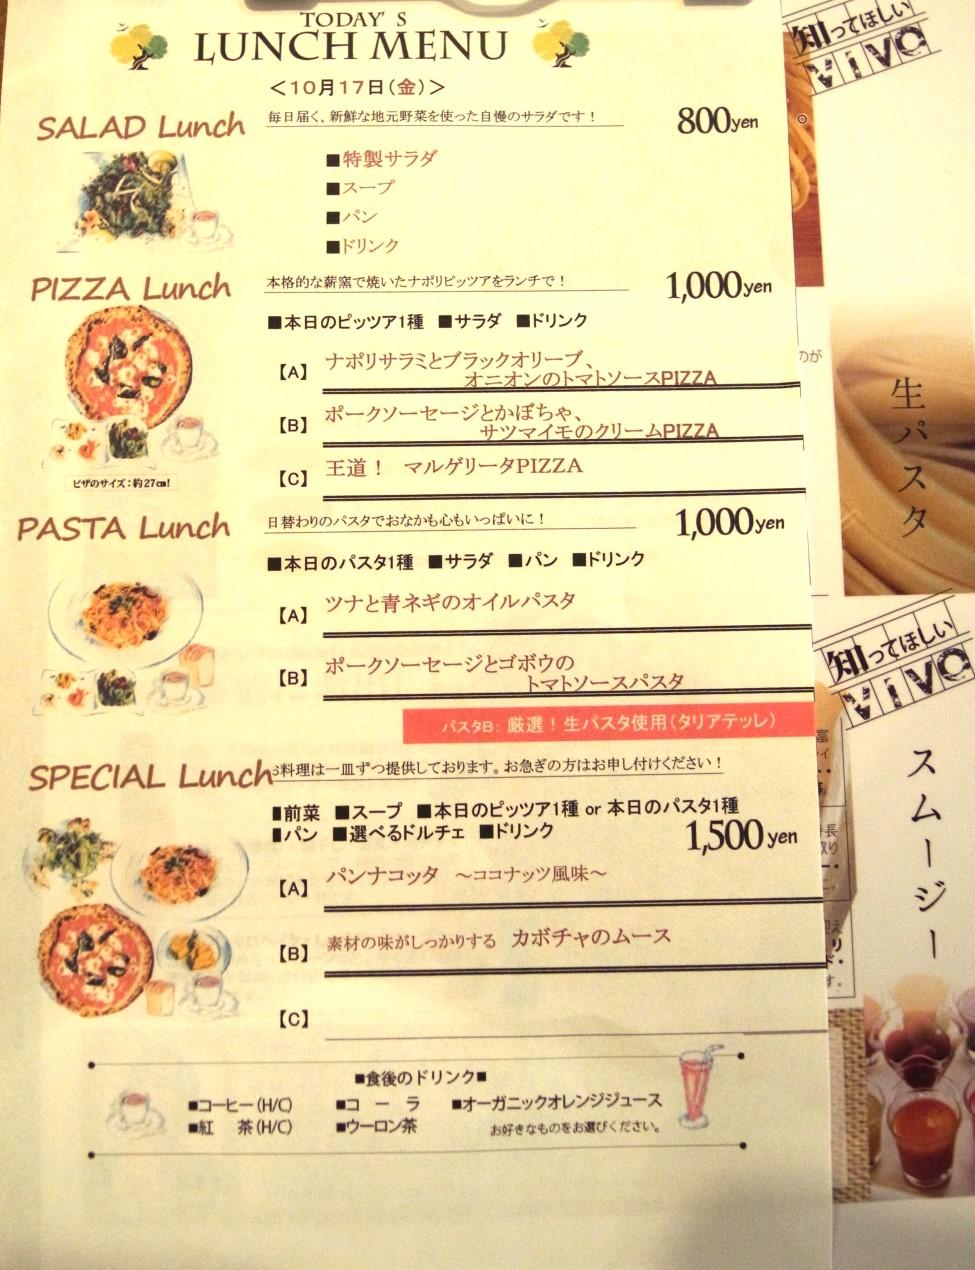 キツネ色のコルニチョーネ〔pizzeria VIVO/ピッツァ・イタリア料理/JR高槻〕_f0195971_11380343.jpg